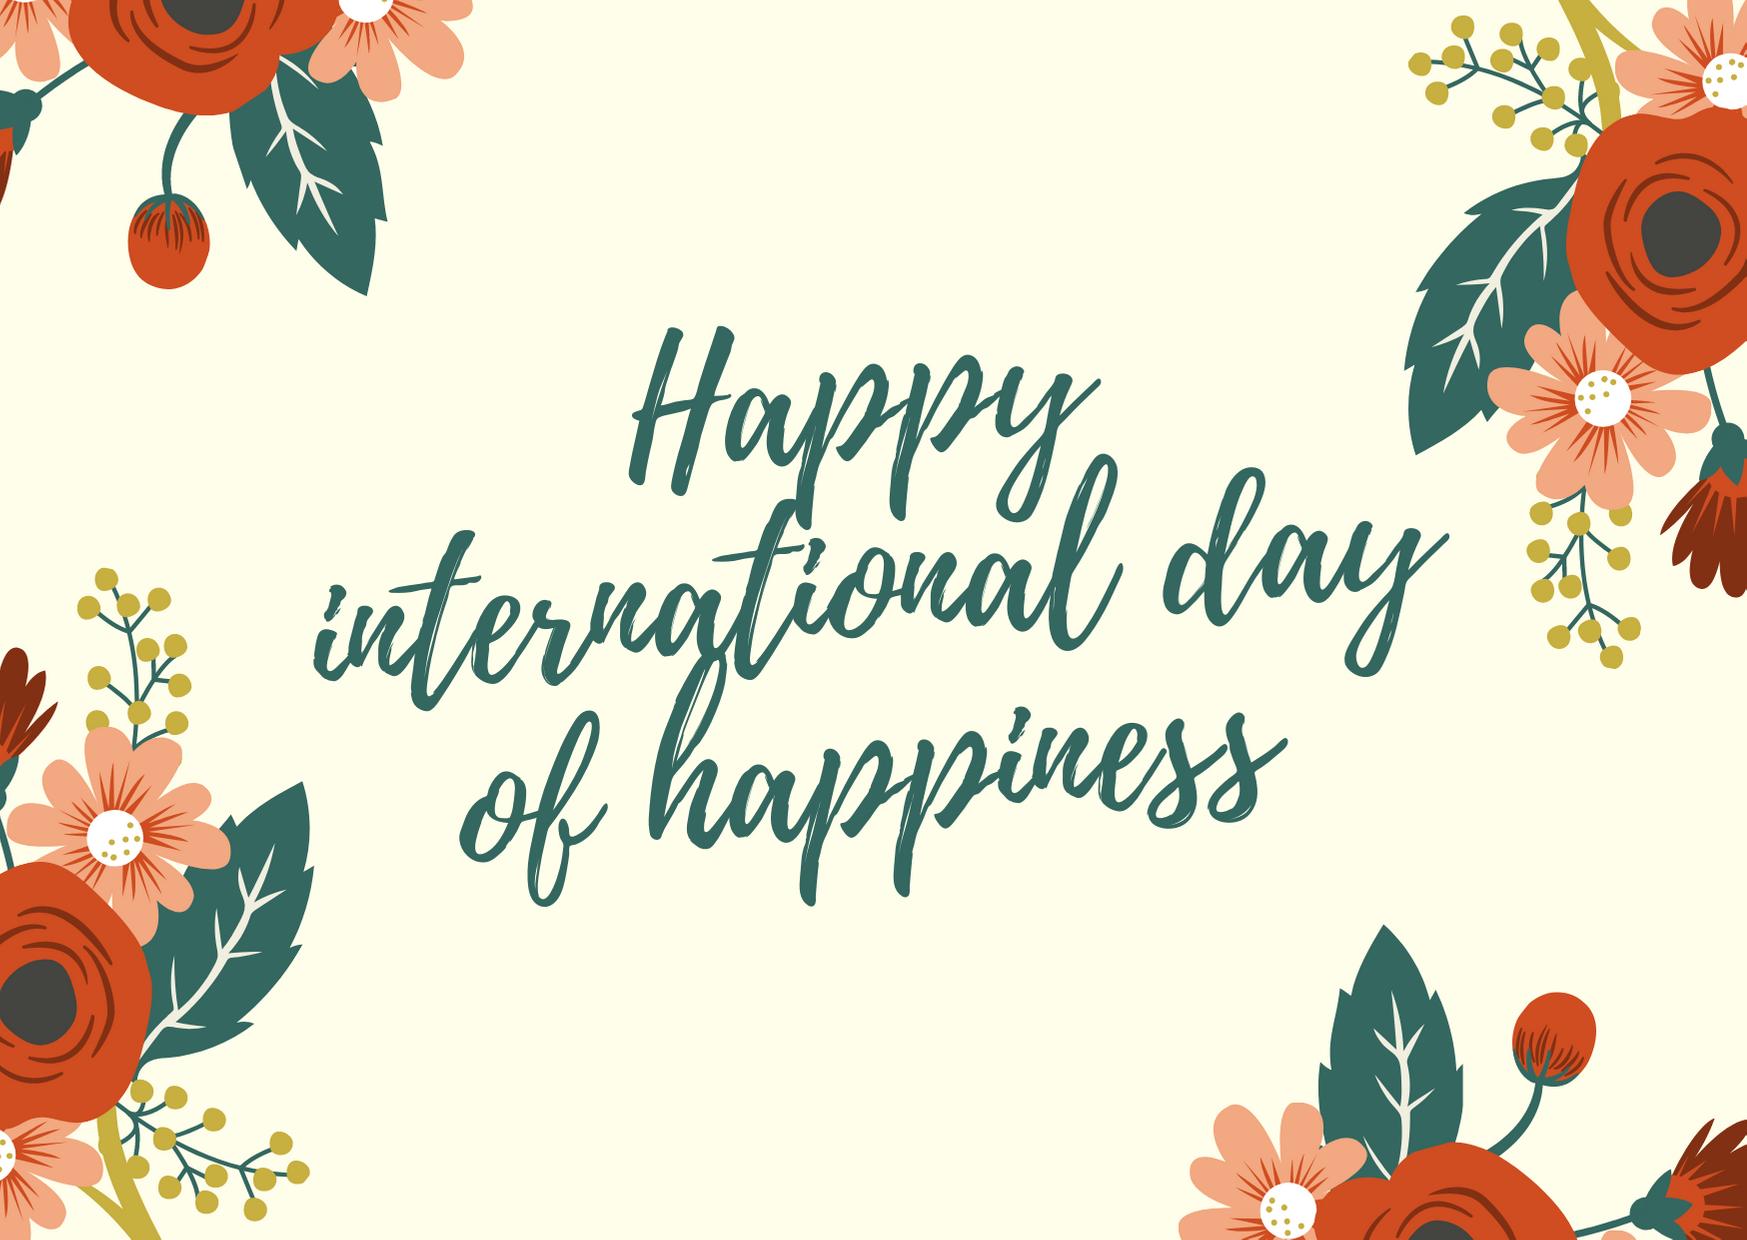 Gợi ý những lời chúc và thiệp chúc mừng nhân ngày Quốc tế Hạnh phúc - Ảnh 9.